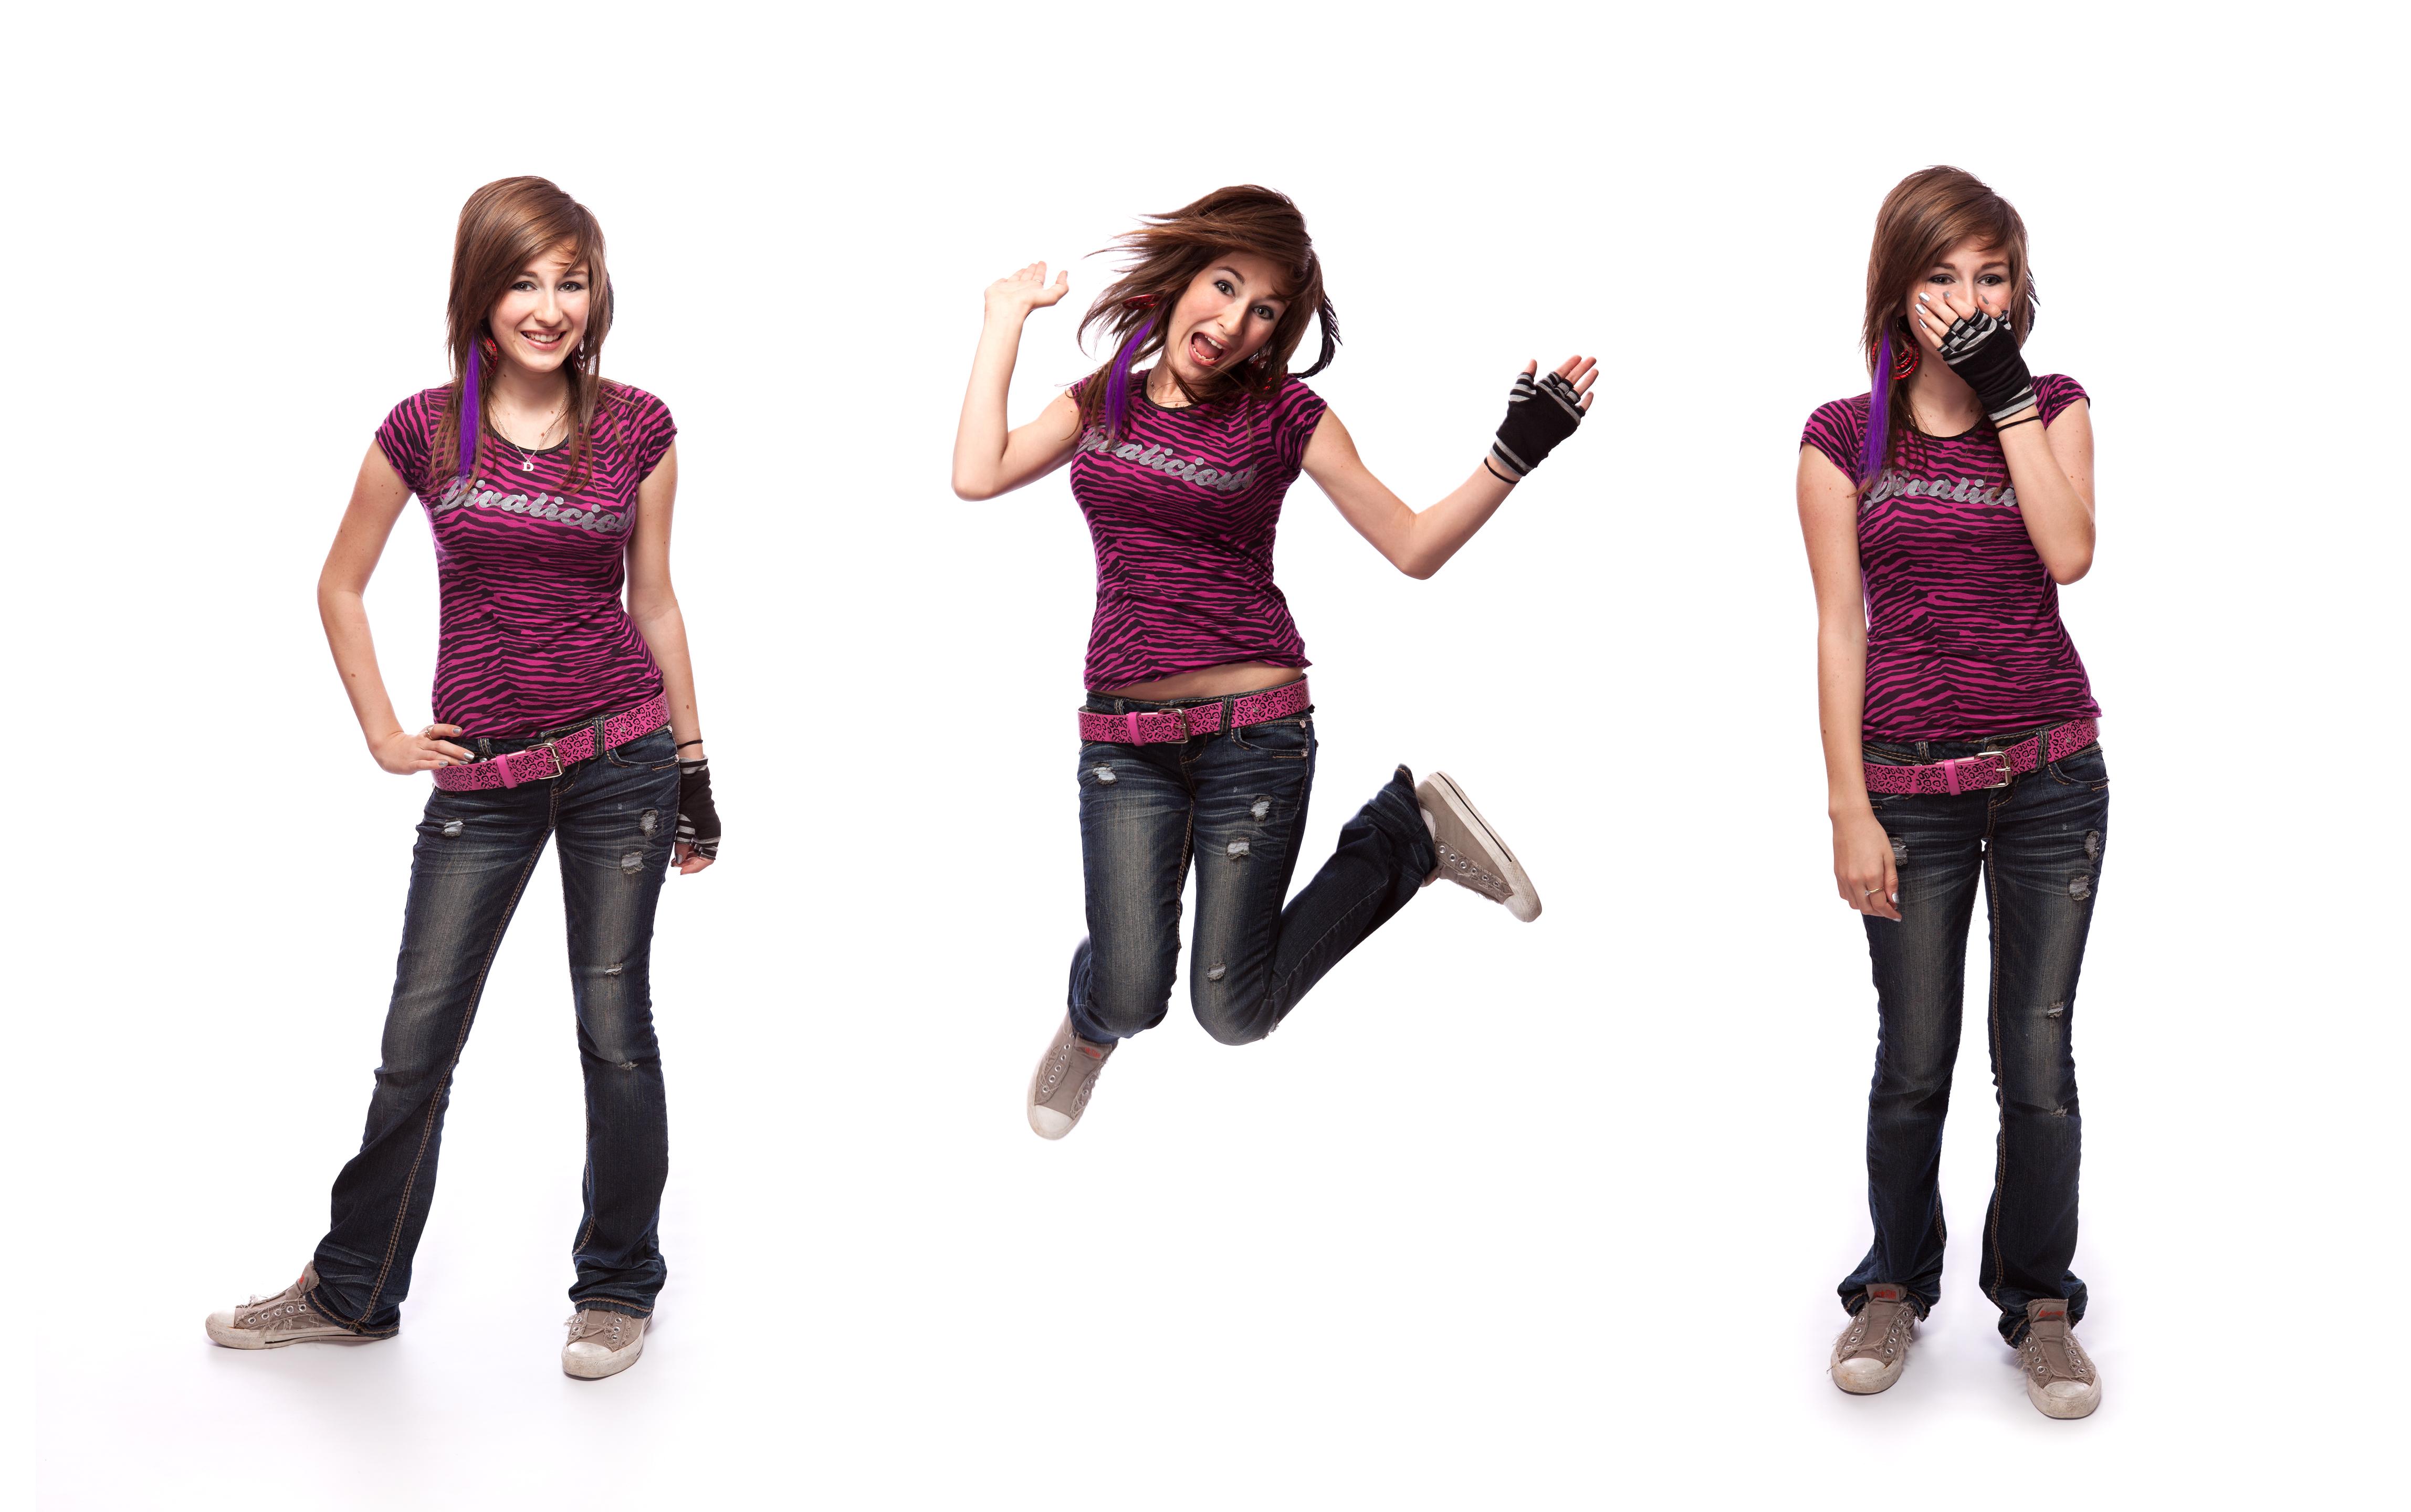 jump-collage-2-no-logo.jpg